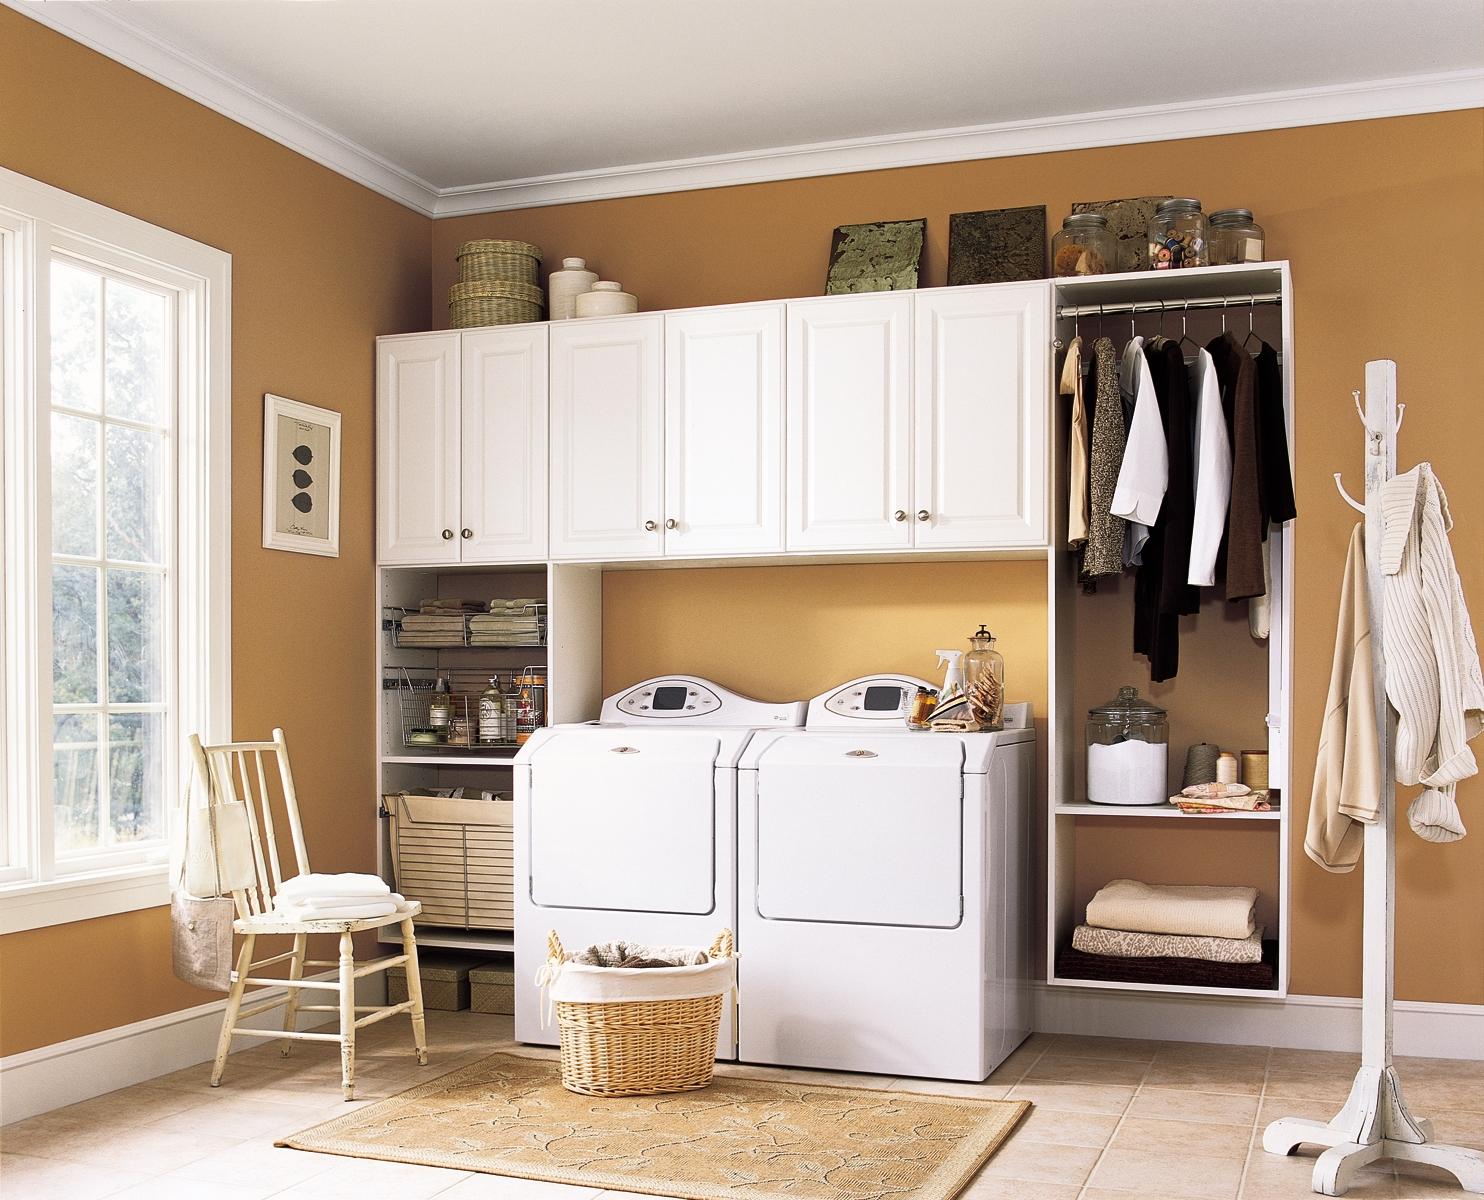 Selain mencuci, apa lagi yang ingin Anda lakukan di dalamnya? (Sumber: home-designing.com)